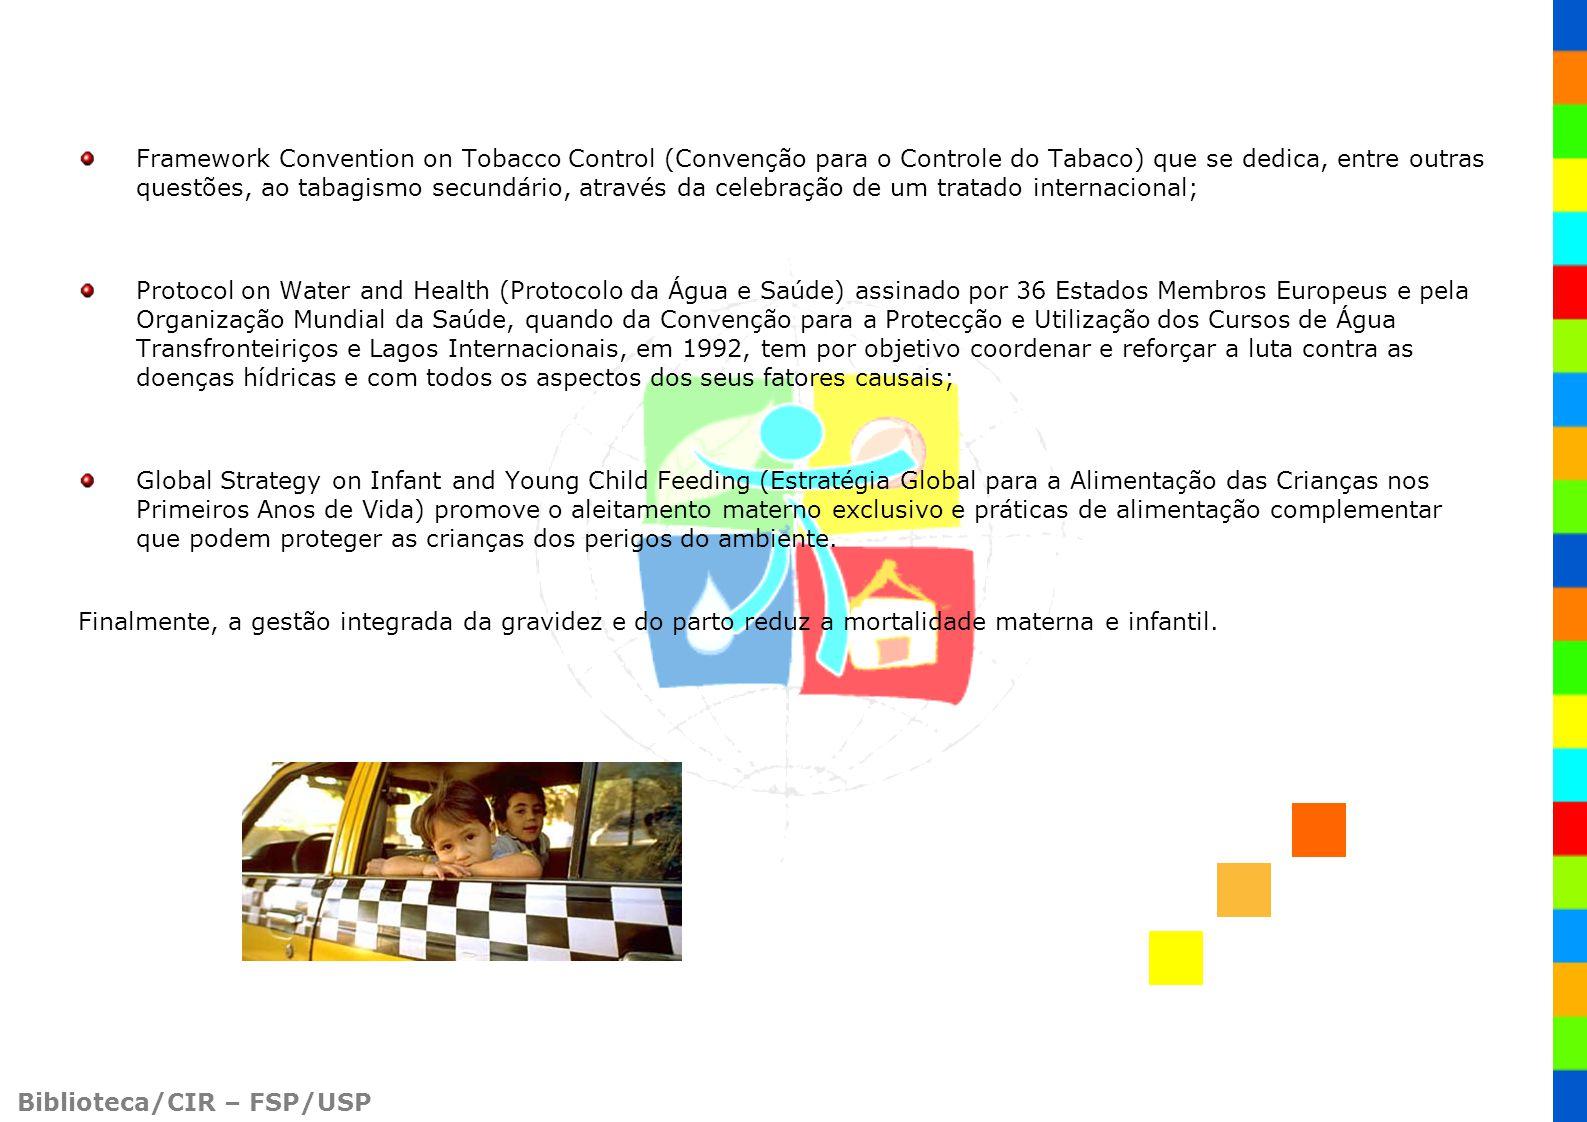 Biblioteca/CIR – FSP/USP Framework Convention on Tobacco Control (Convenção para o Controle do Tabaco) que se dedica, entre outras questões, ao tabagi